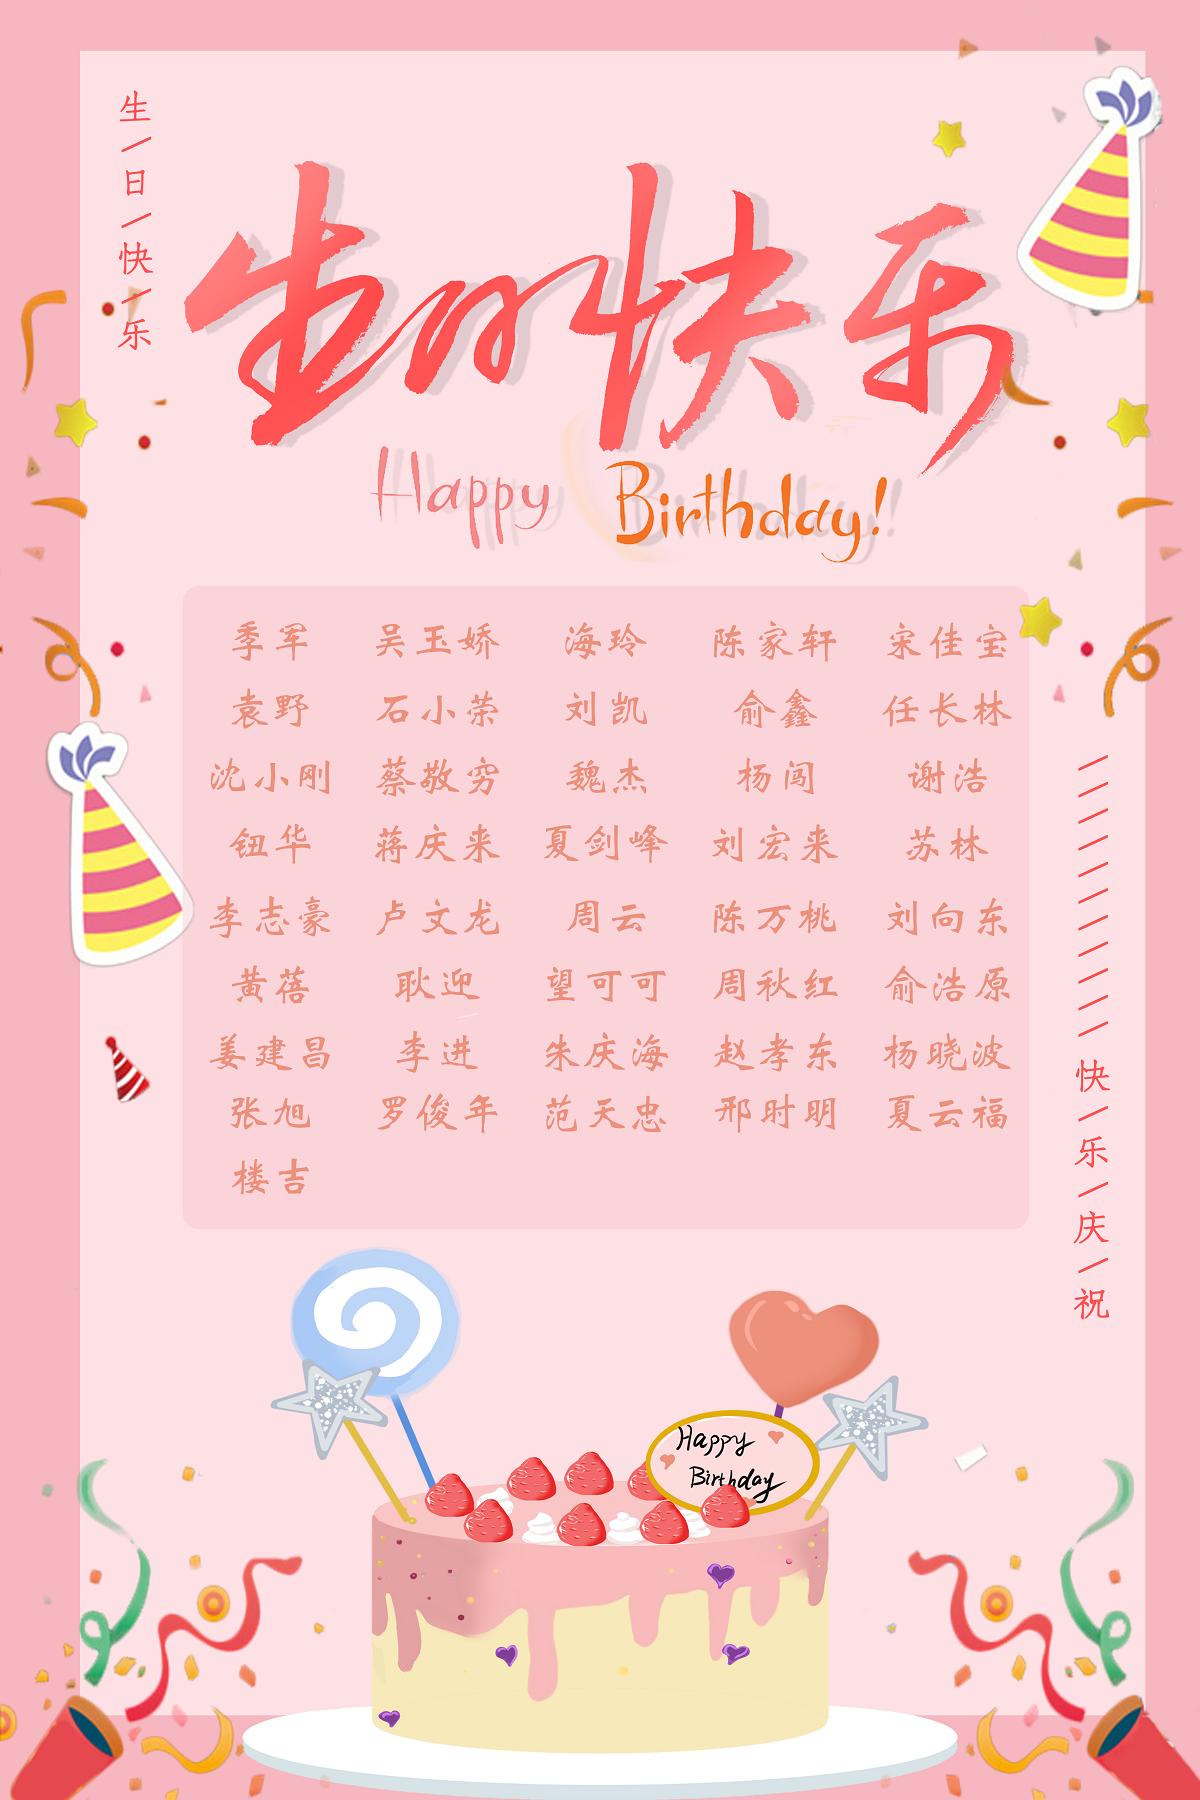 8月安徽11选5走势图祝福v1.1.png